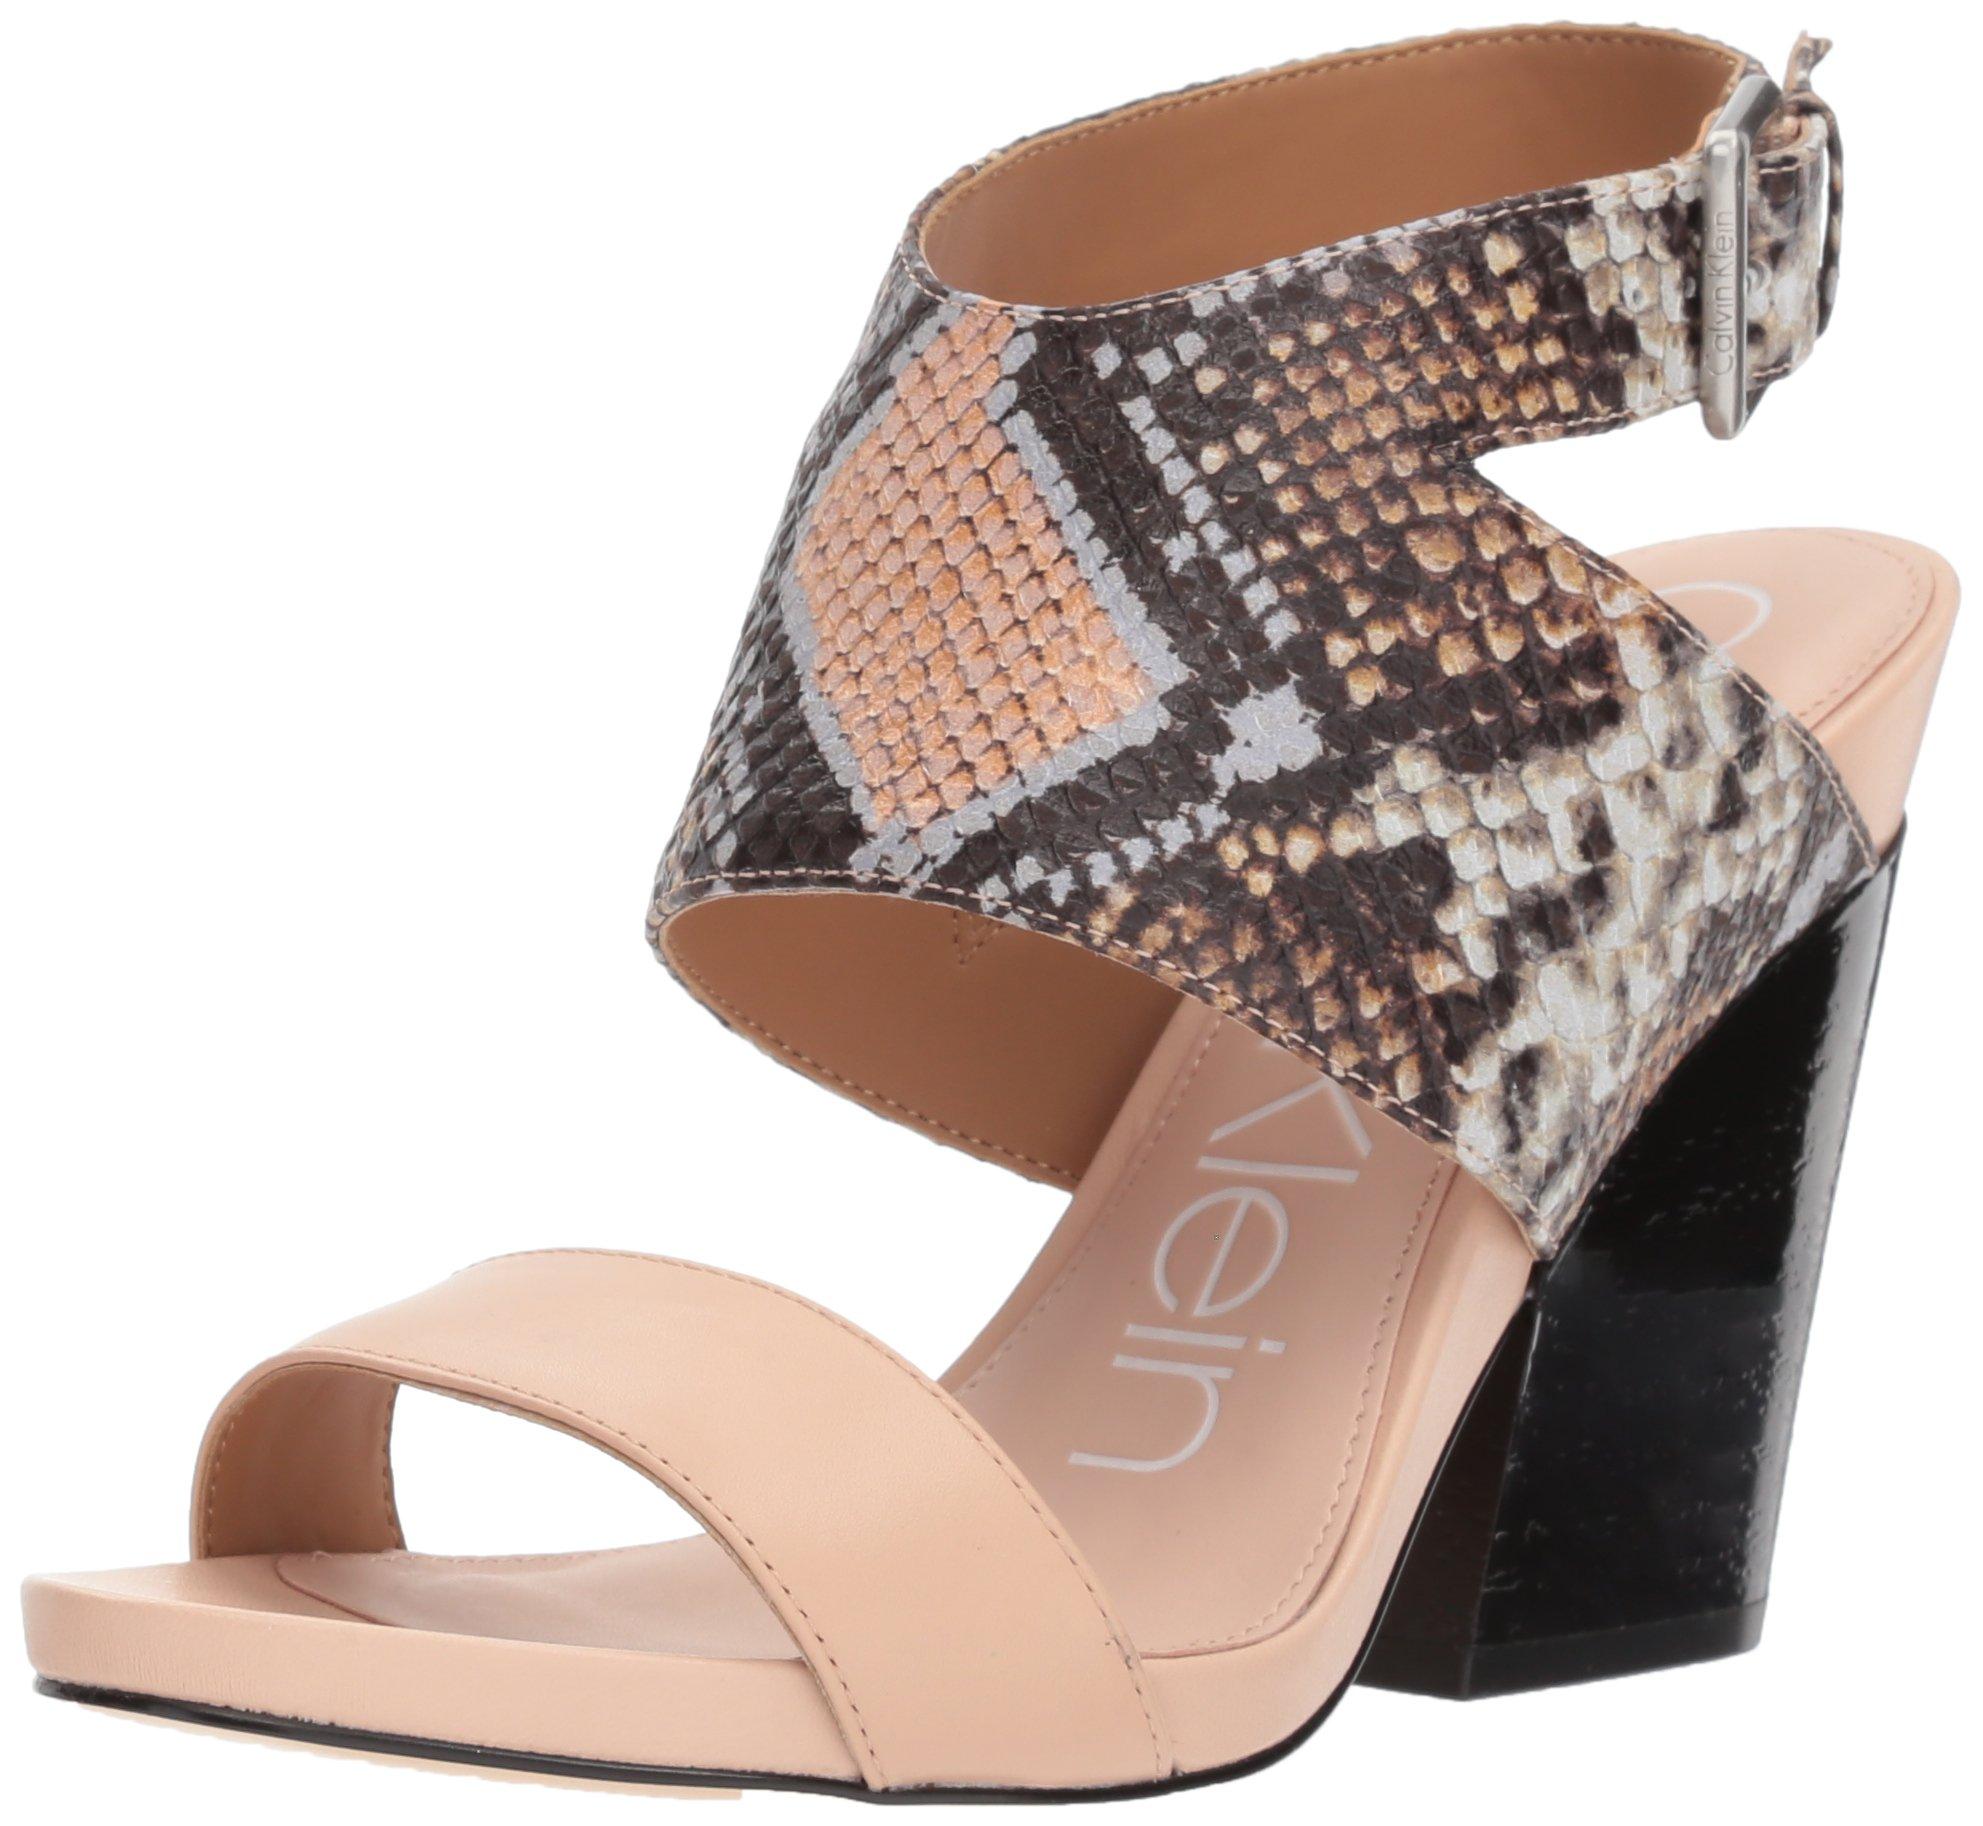 Calvin Klein Women's Emmett Heeled Sandal, Sheer Satin Snake Leather, 5 Medium US